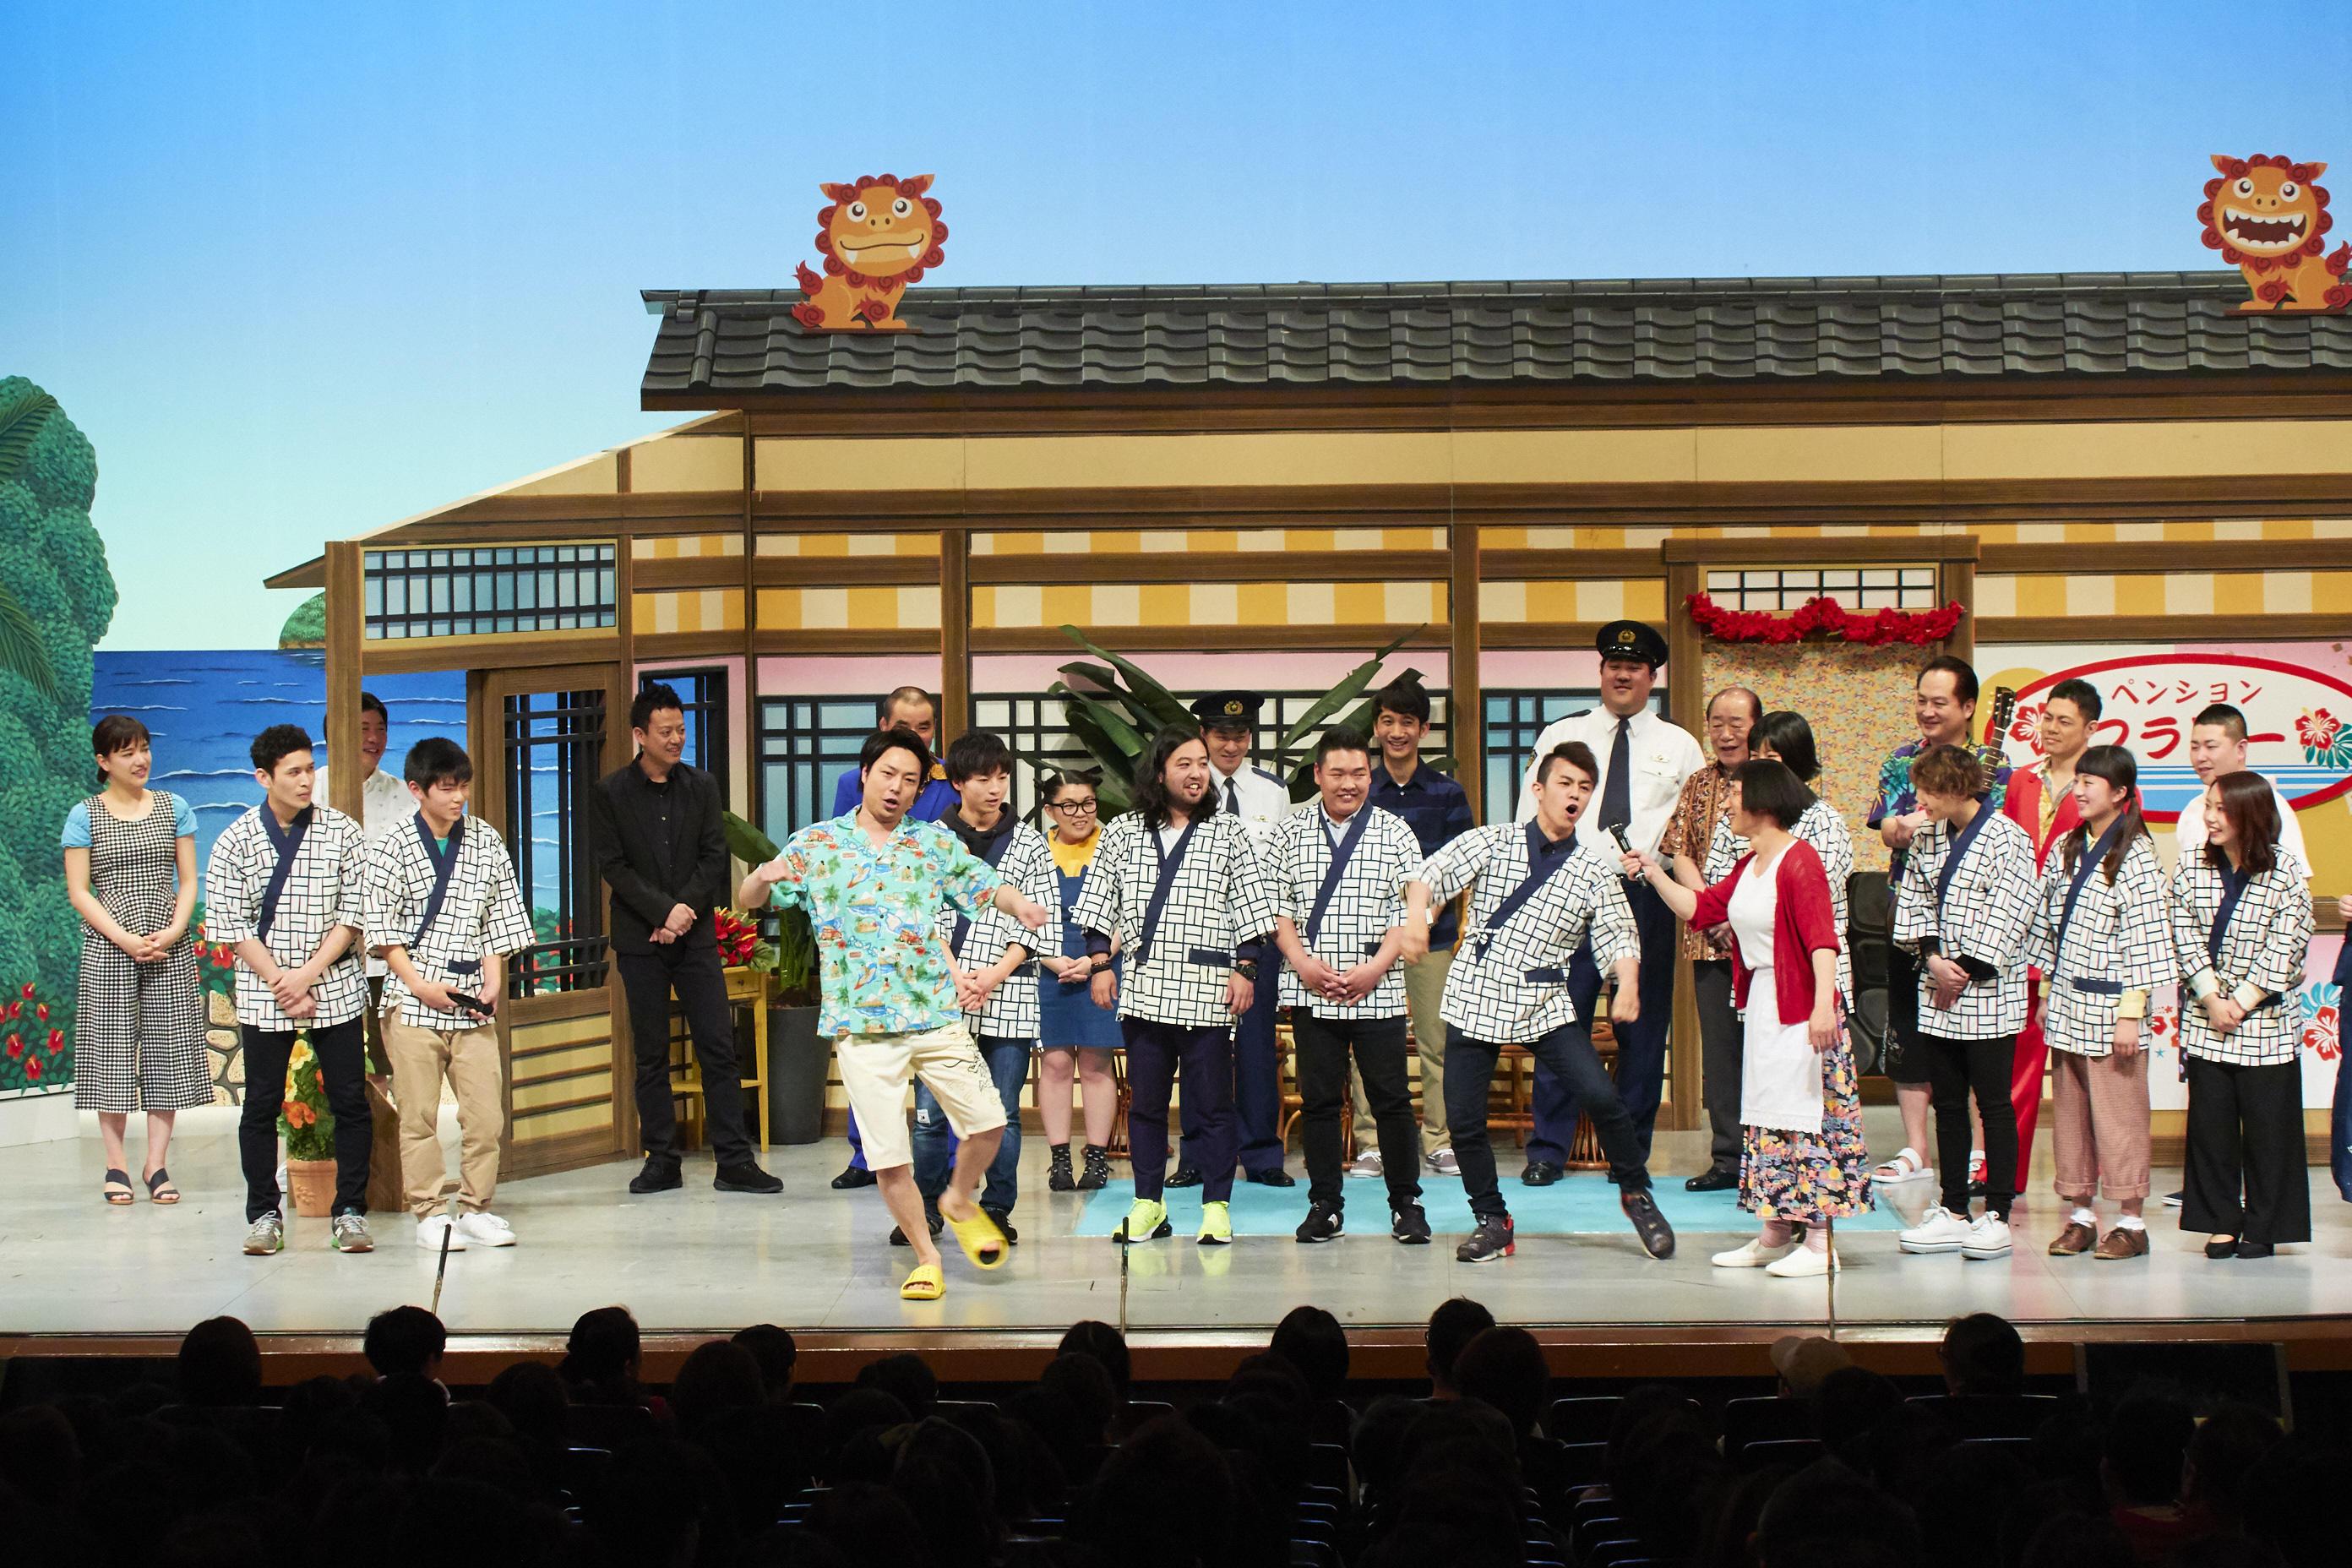 http://news.yoshimoto.co.jp/20180415184923-83db0378a9169ce47e55a093a8dd95d6cfbc5a6e.jpg